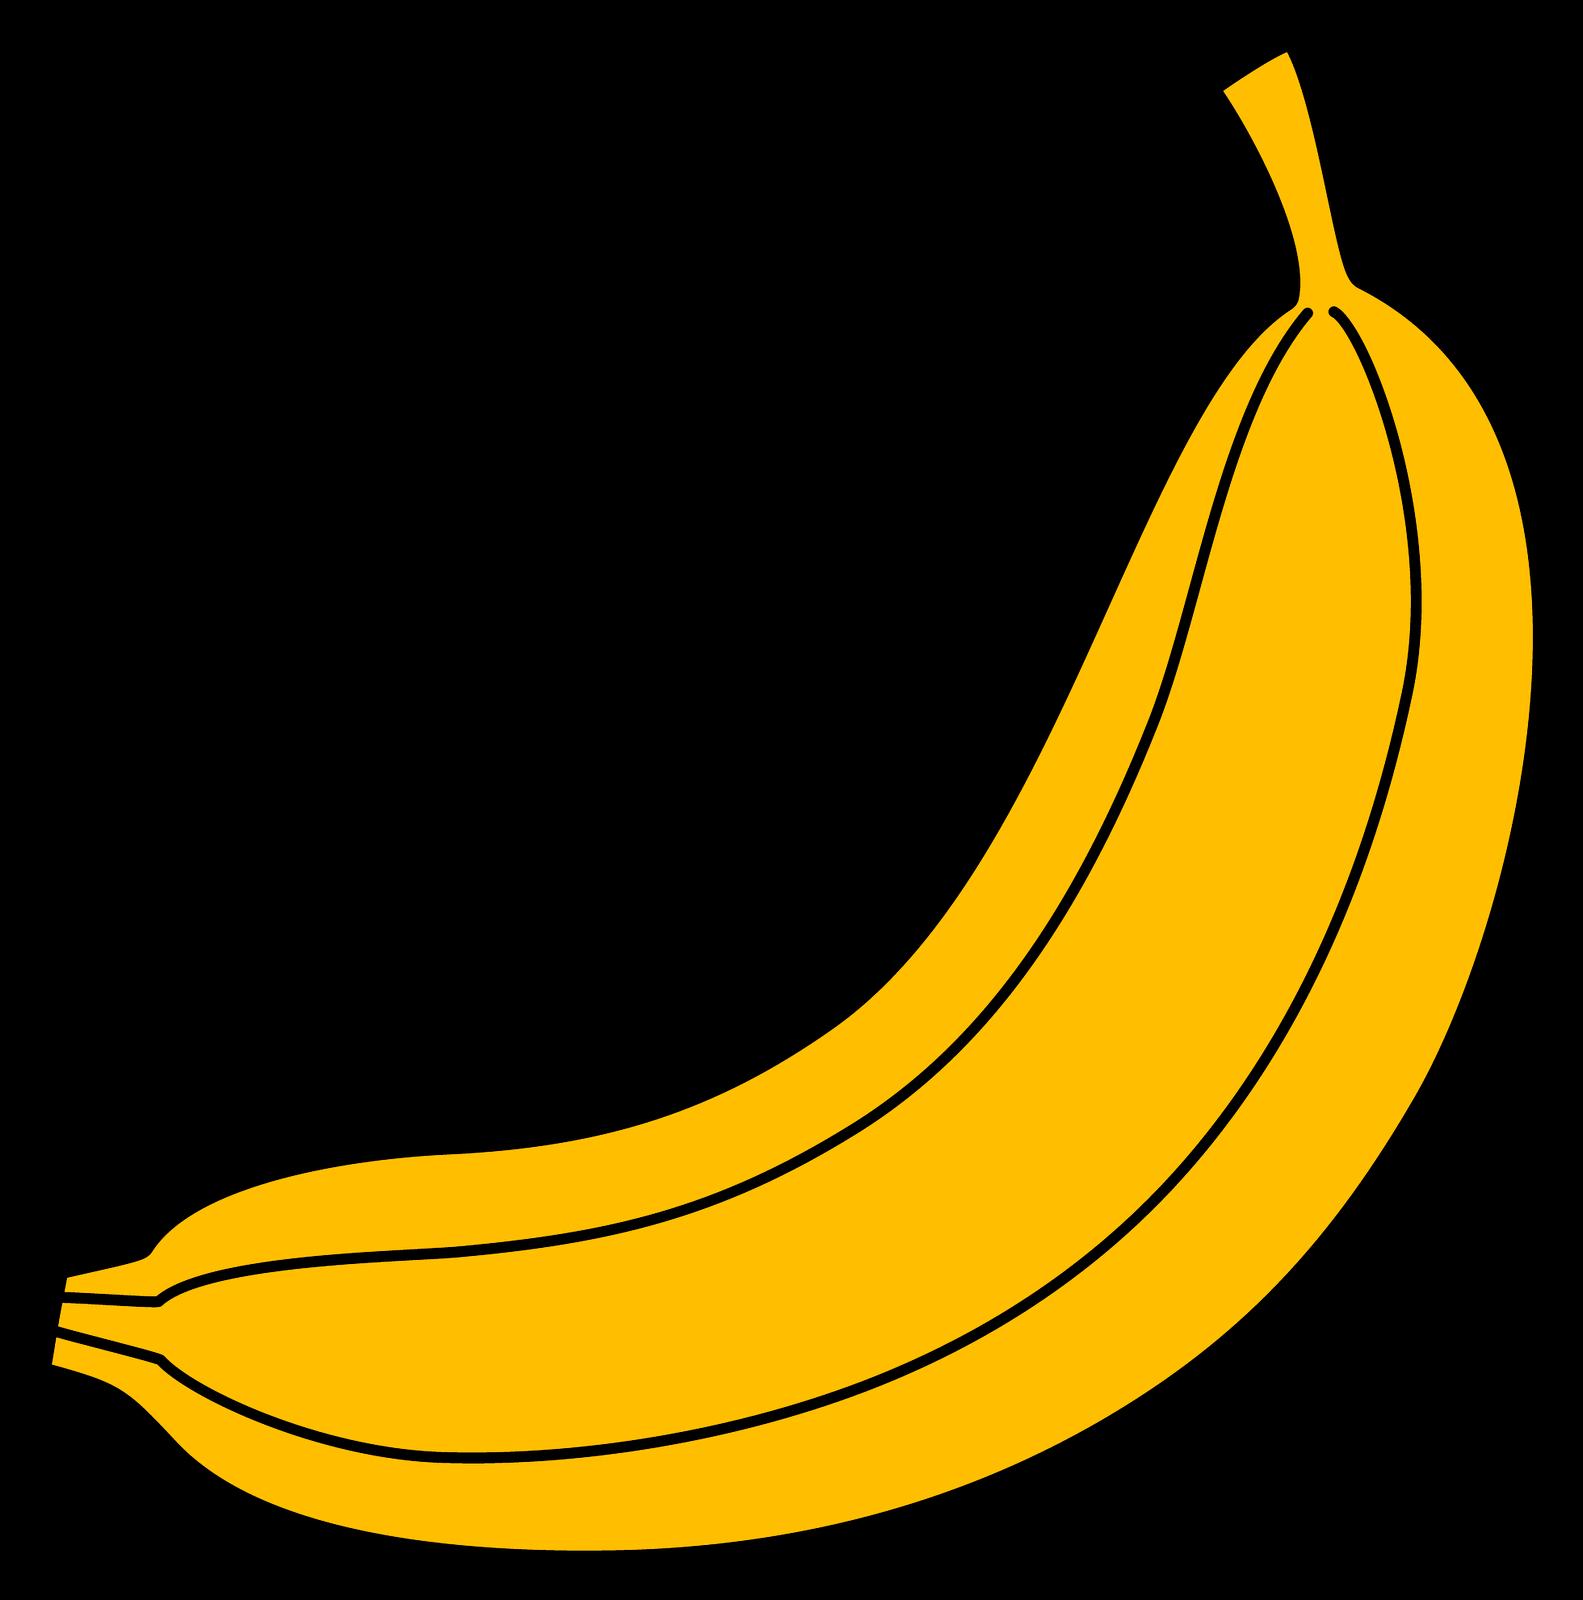 Бананы нарисованные картинки